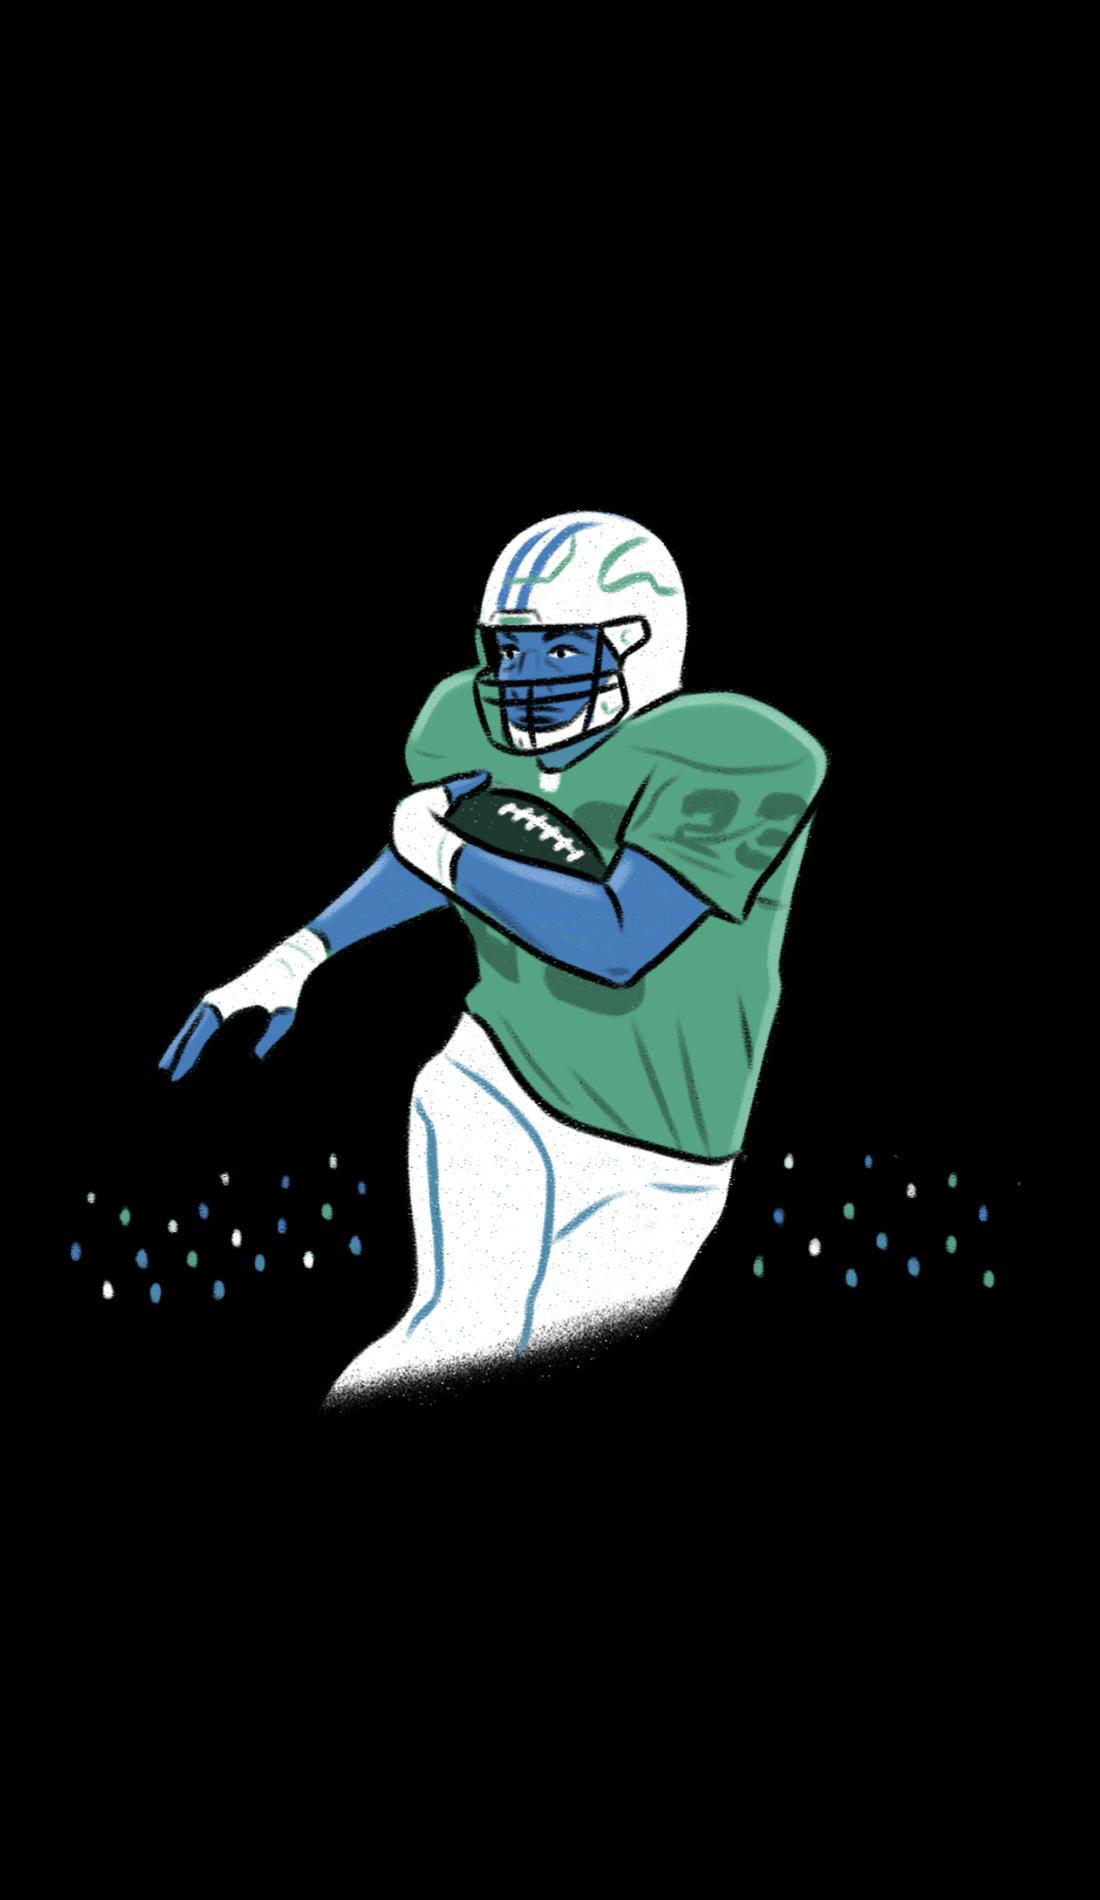 A Birmingham Bowl live event